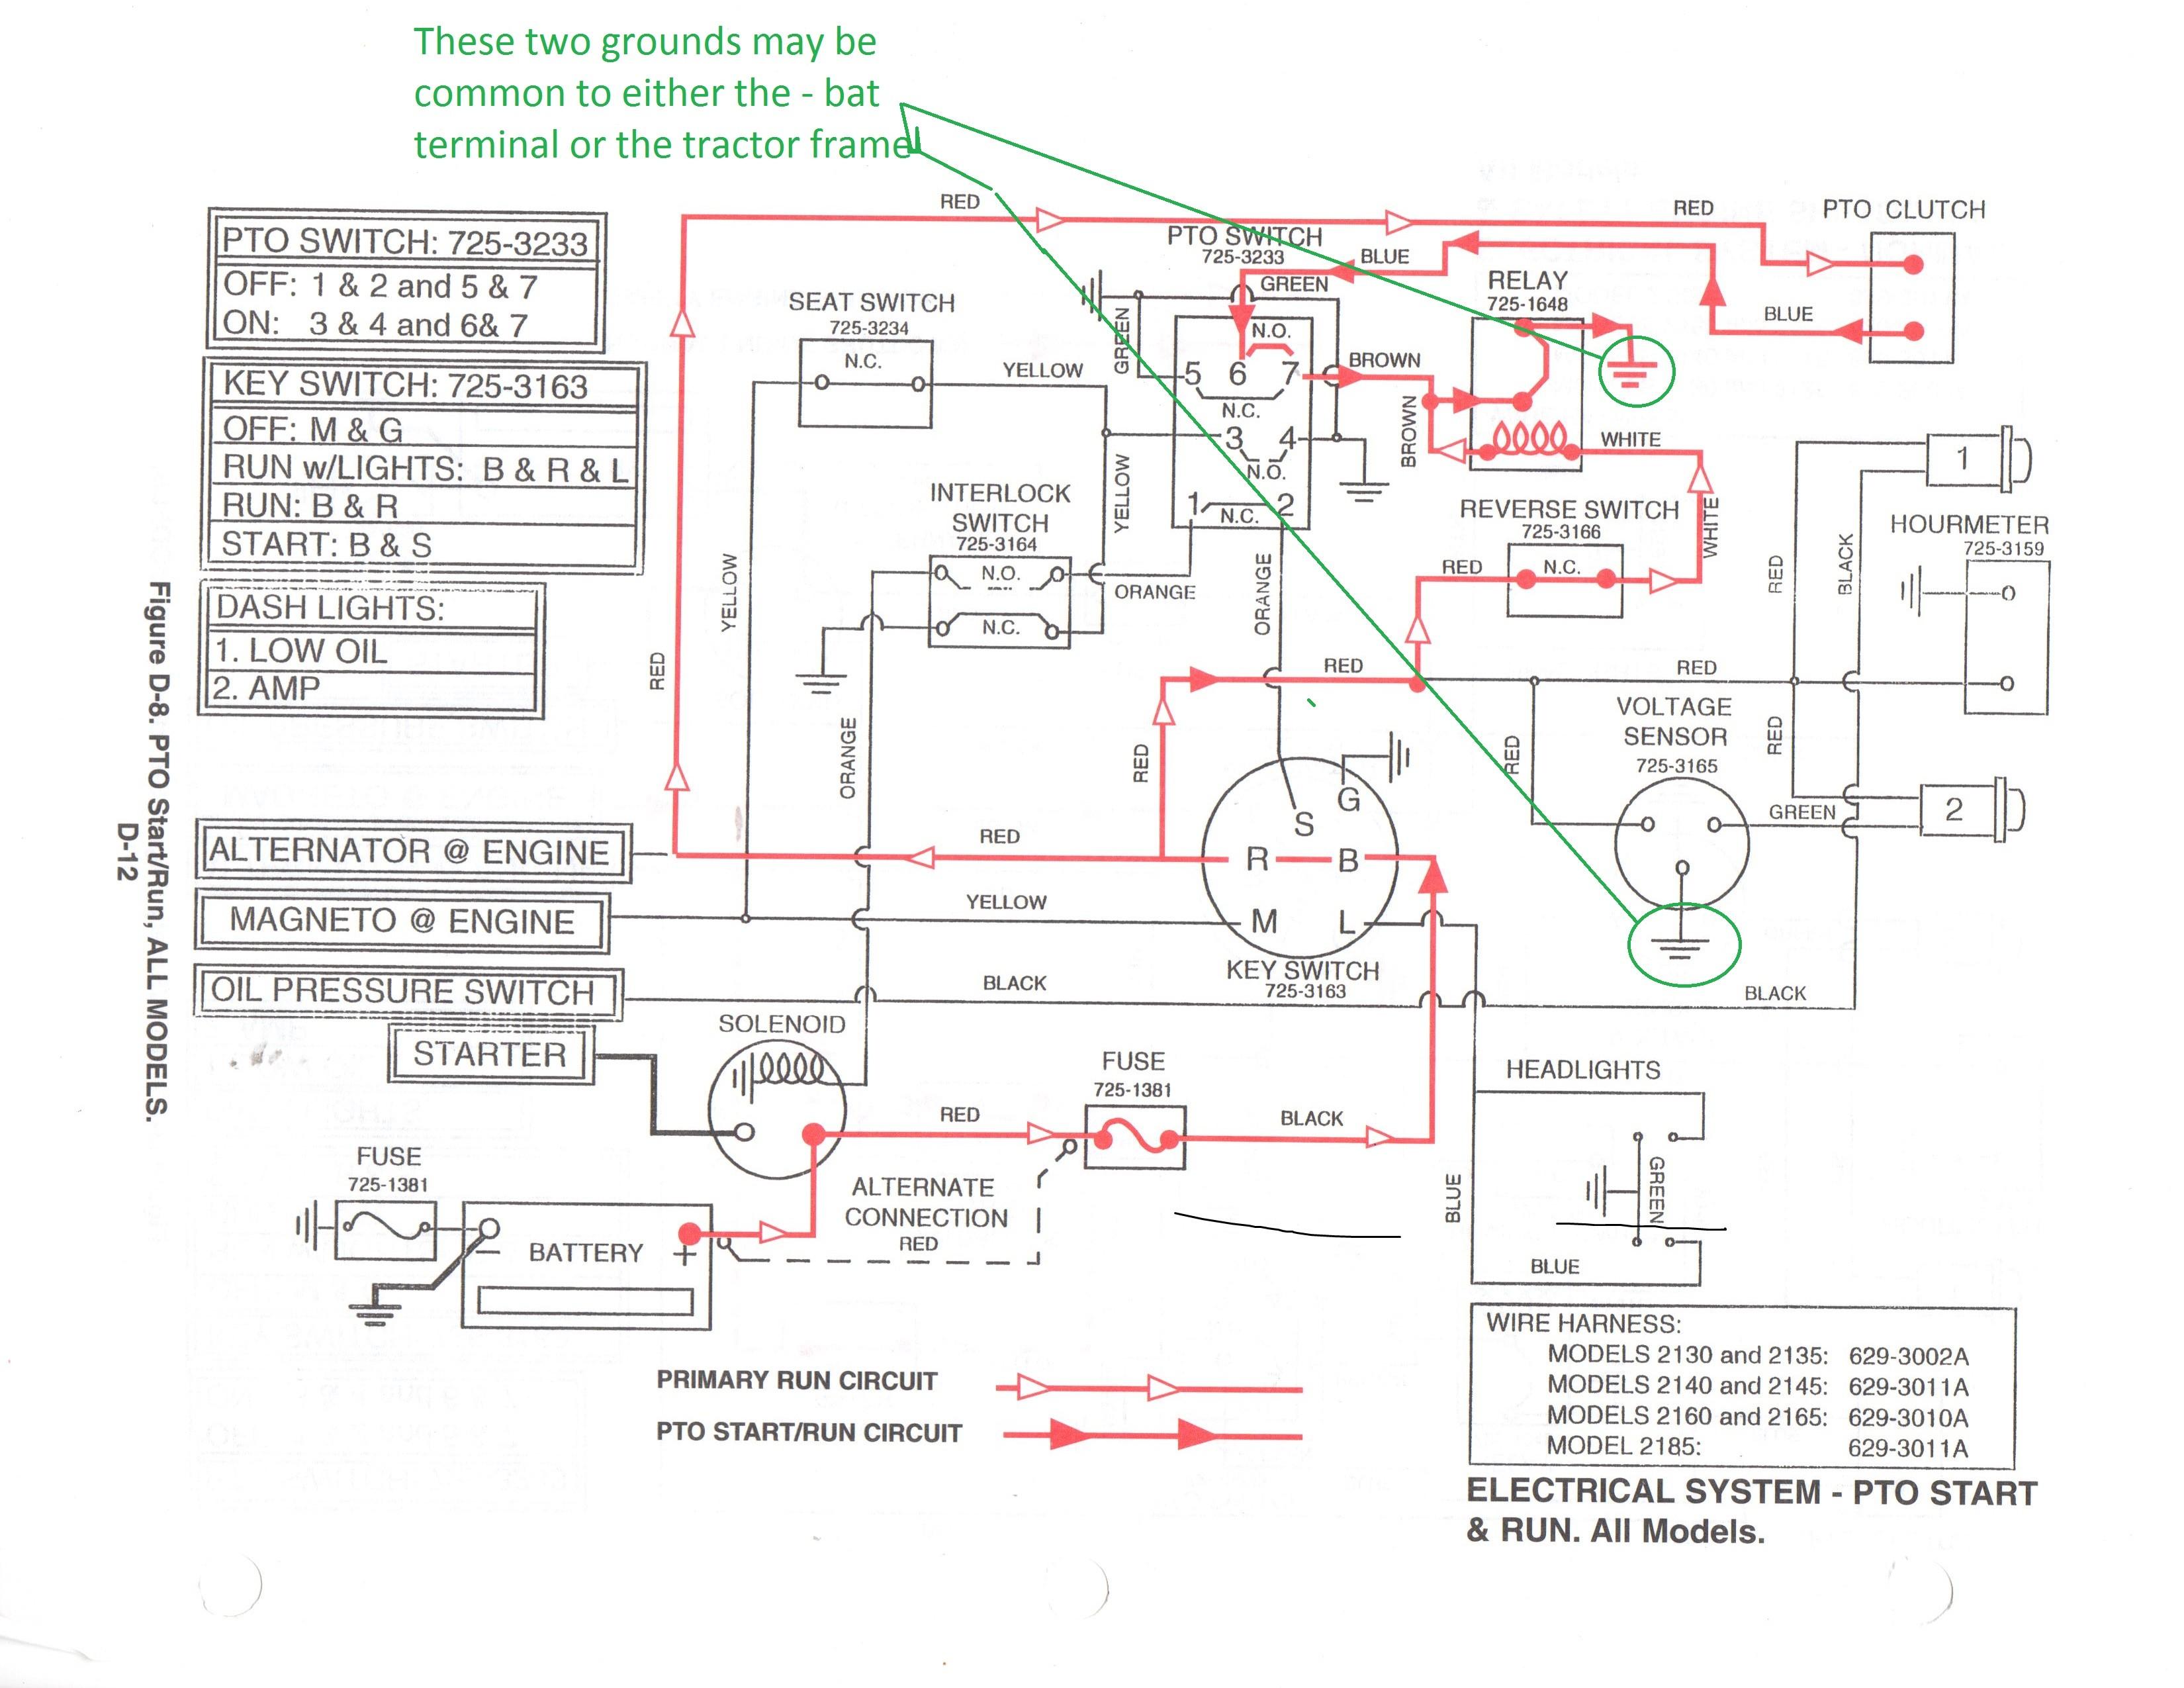 John Deere Gx345 Wiring Diagram Scotts 1742g Wiring Diagram Of John Deere Gx345 Wiring Diagram